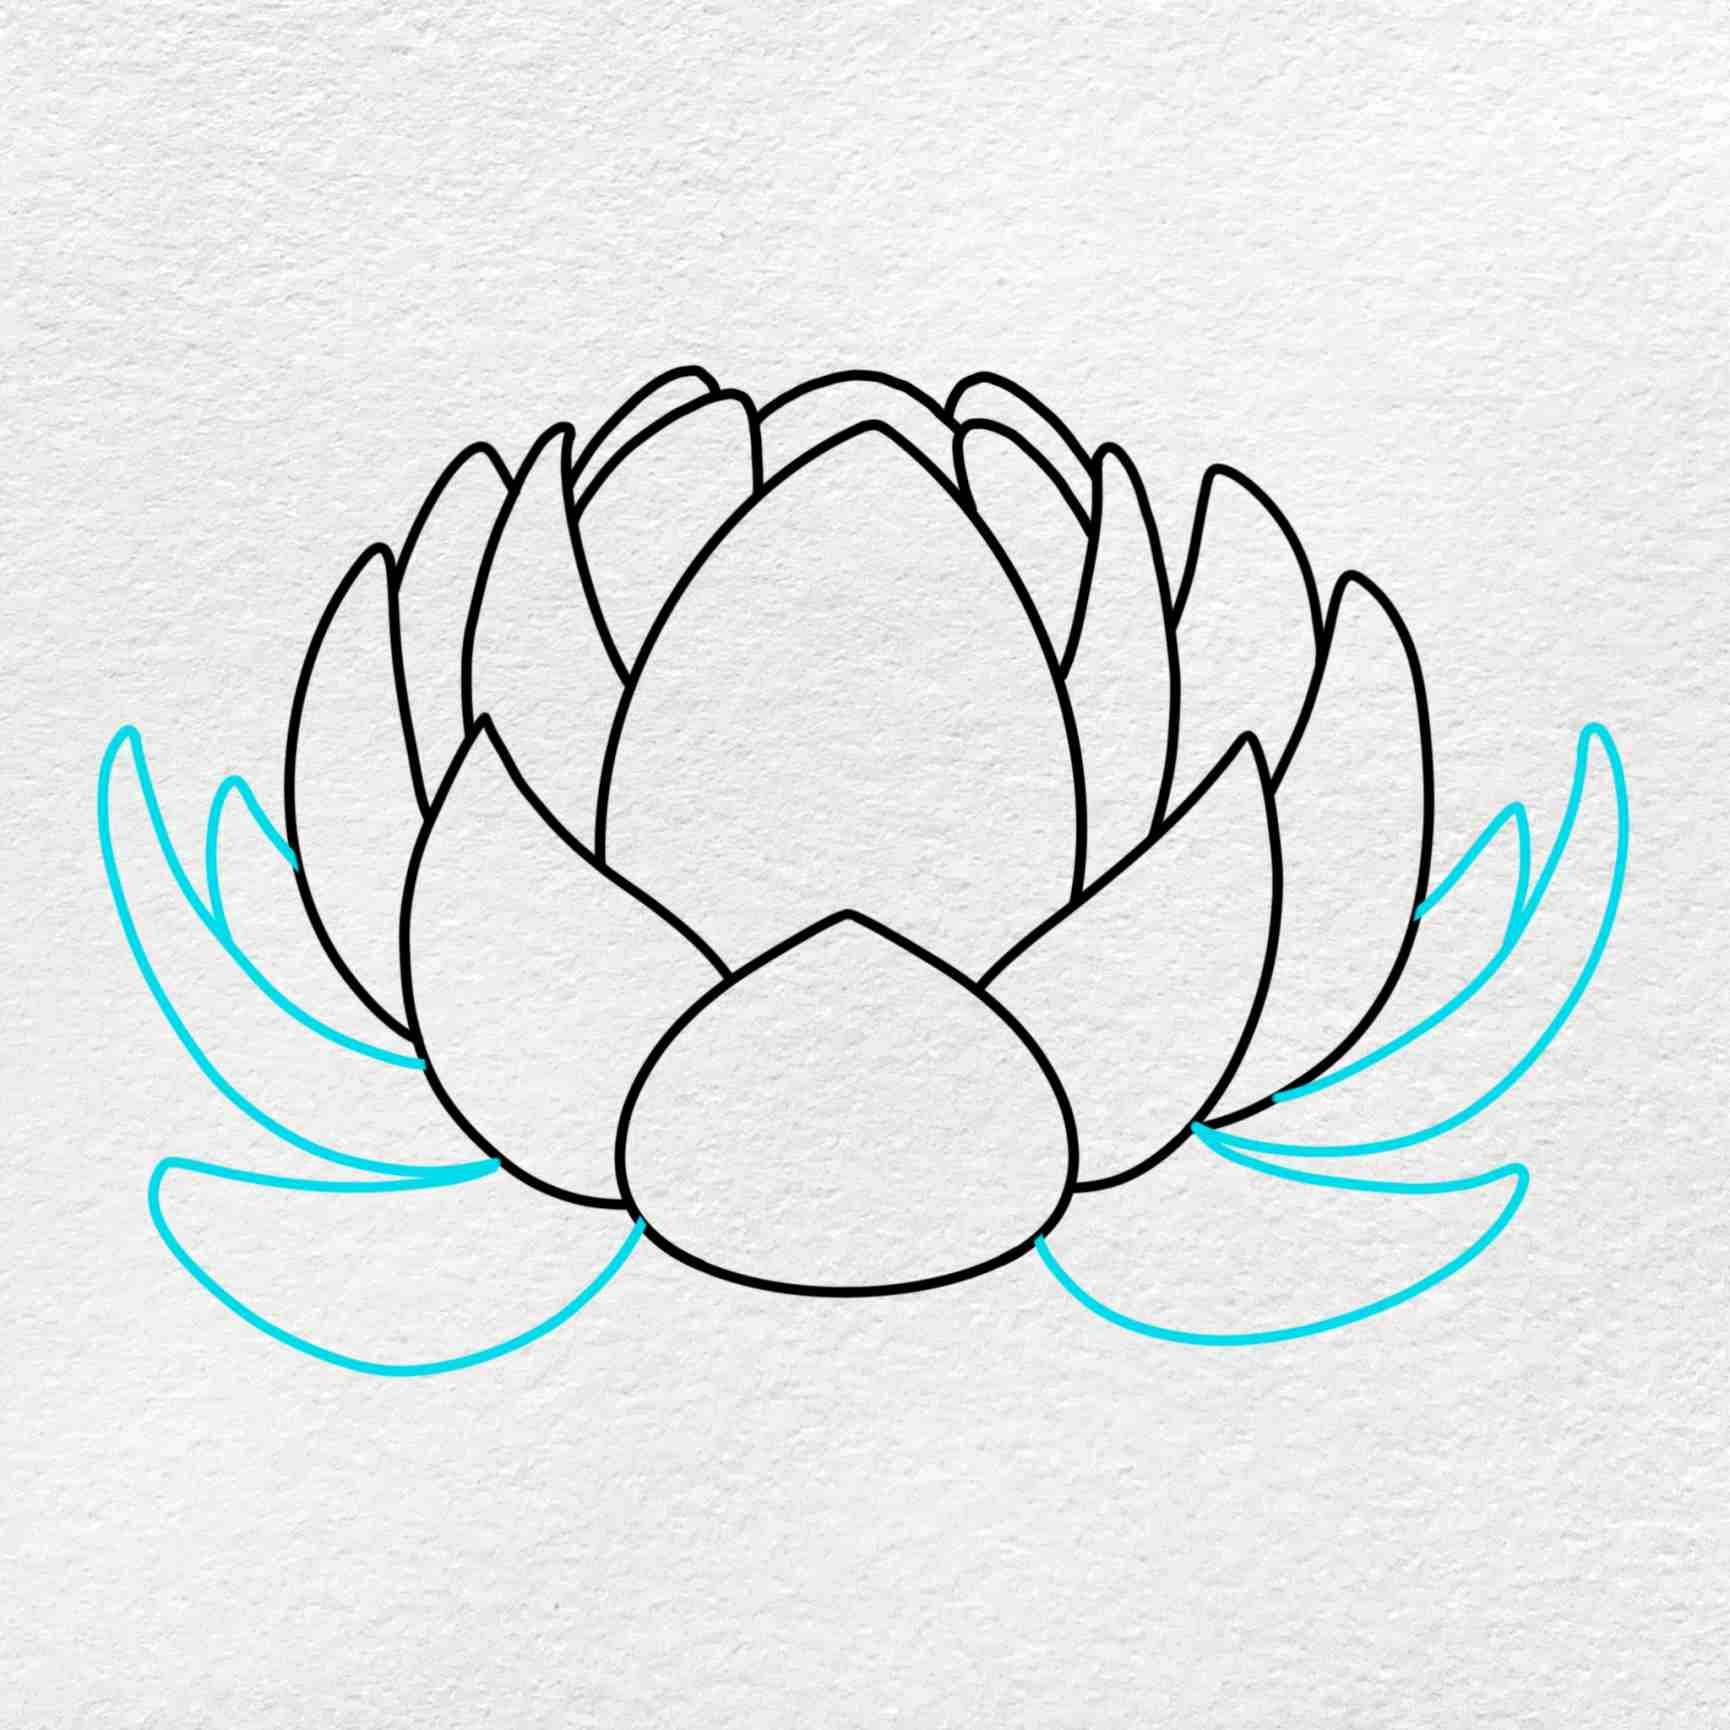 Easy Lotus Drawing: Step 5